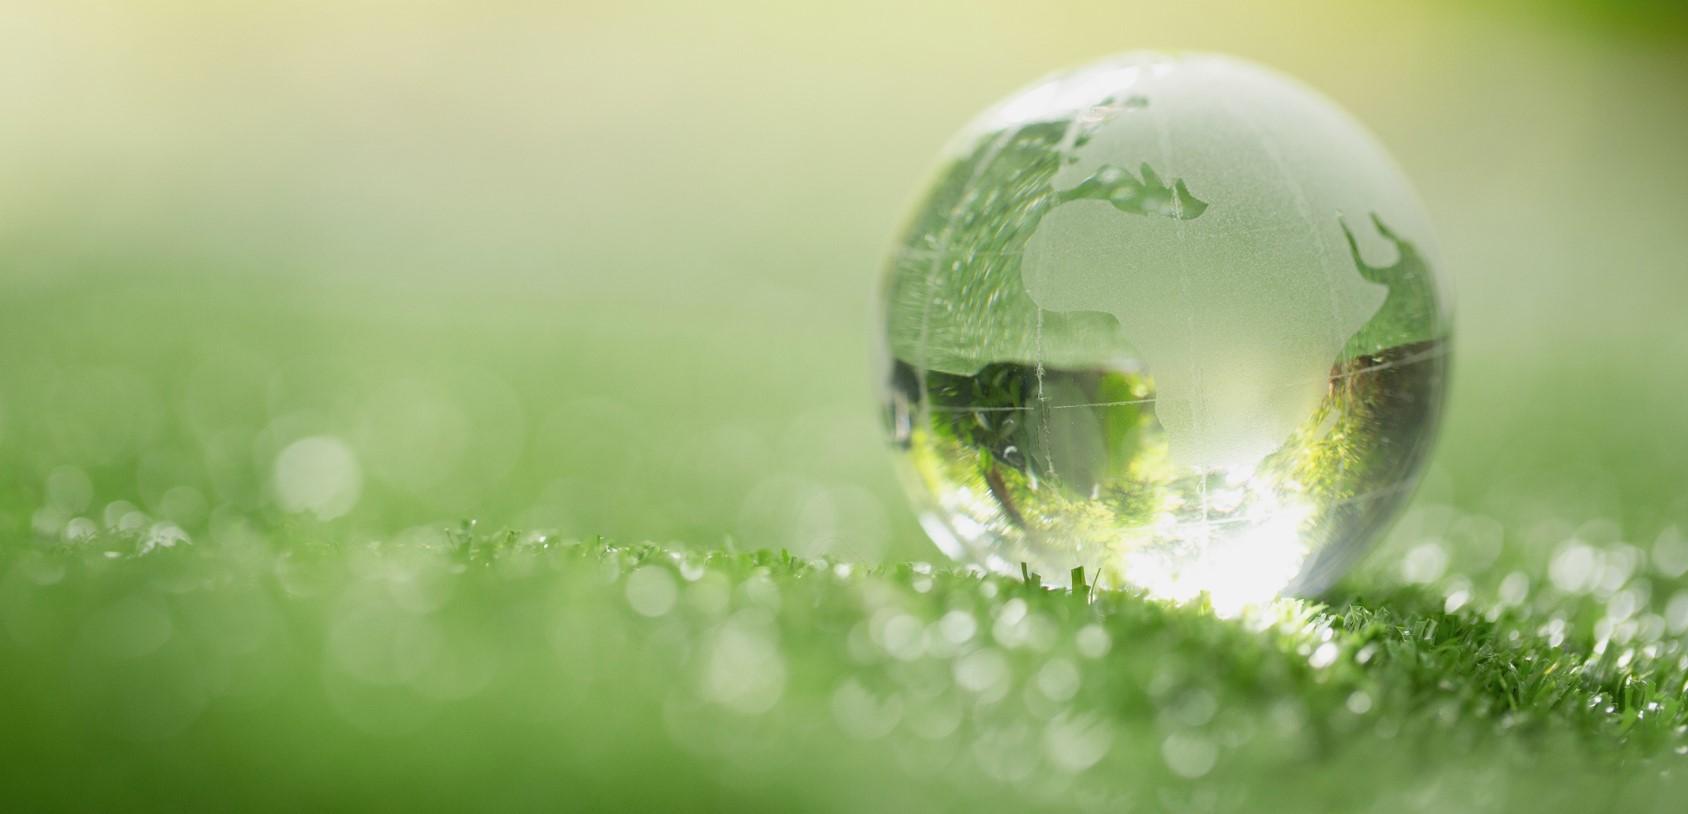 Zrównoważony rozwój: projektowanie opakowań – wymagania, prawo, dobre praktyki. Film szkoleniowy